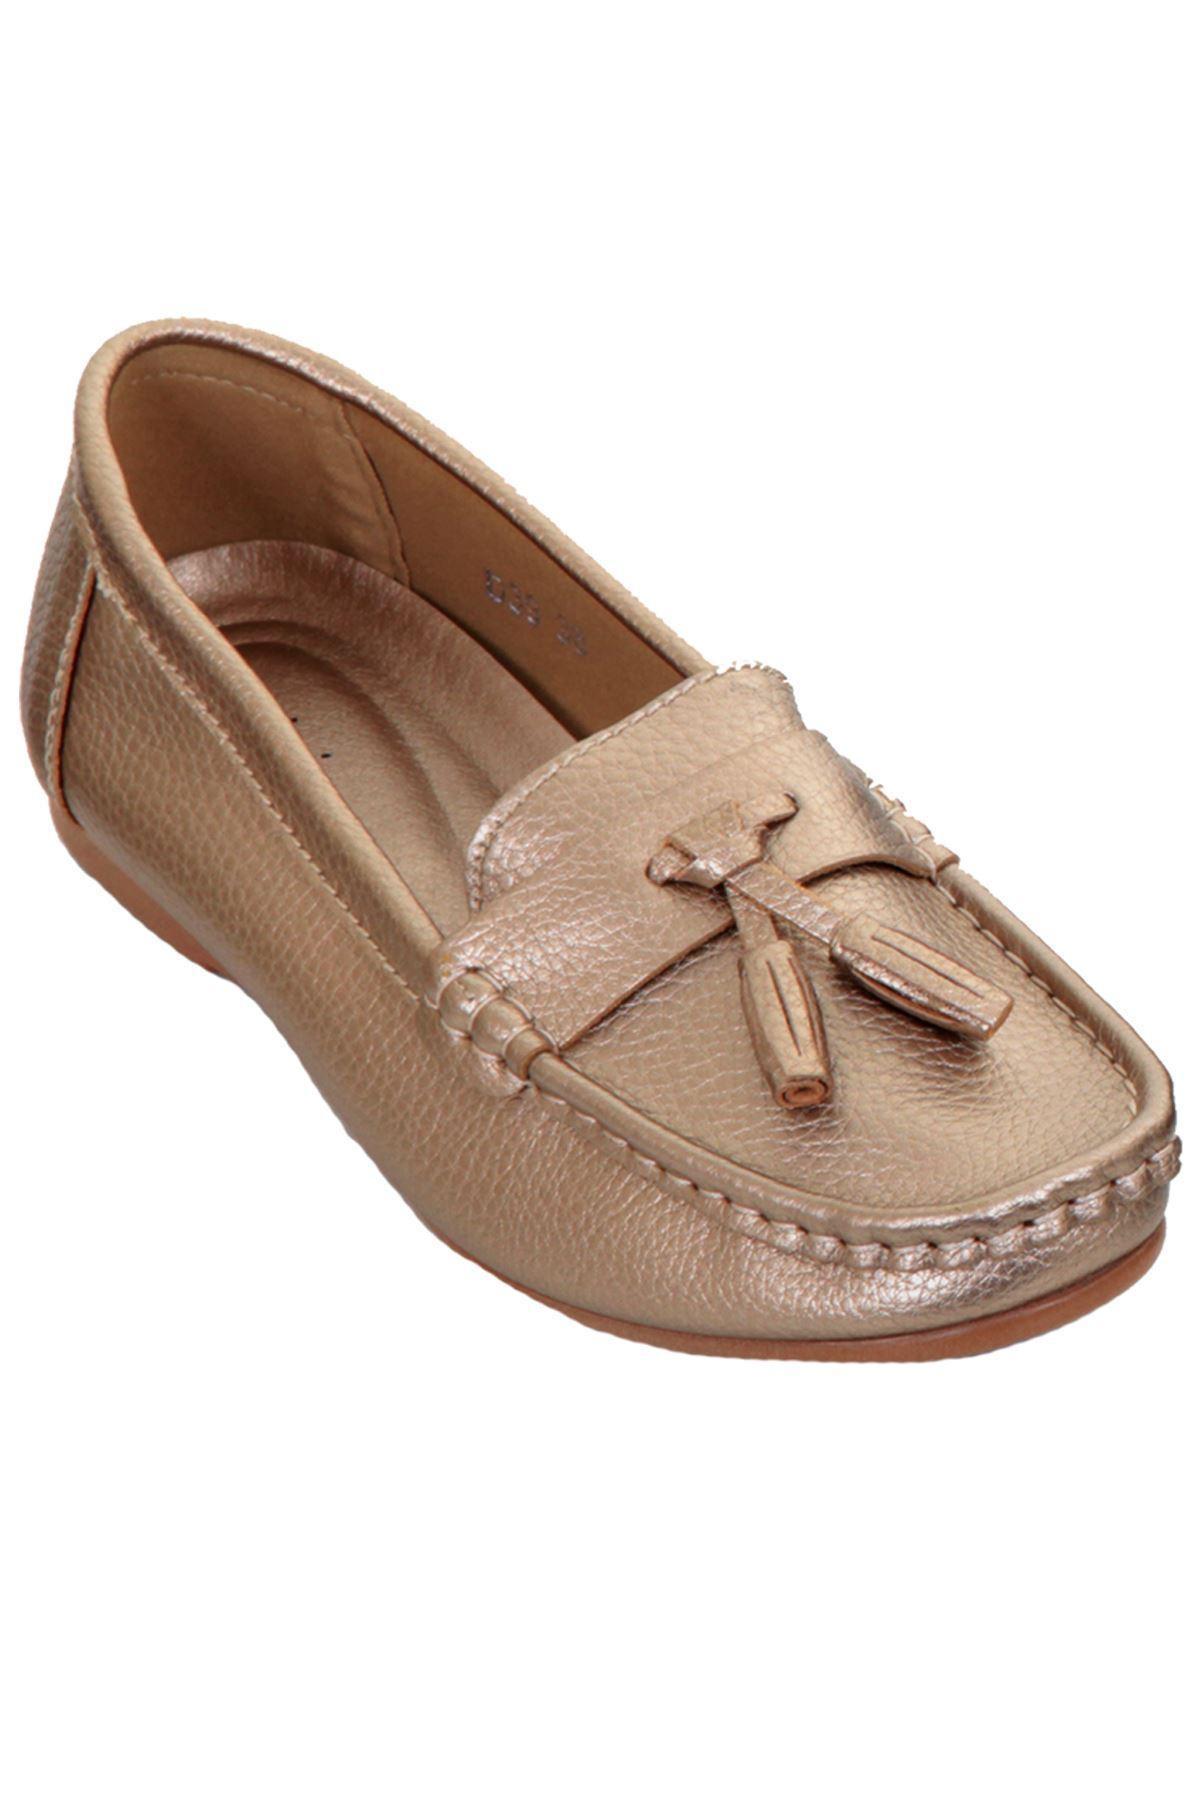 Señoras Metálico Brillante Slip On Borla Plana Tacón Bajo Mocasines Mocasín Zapatos Inteligente